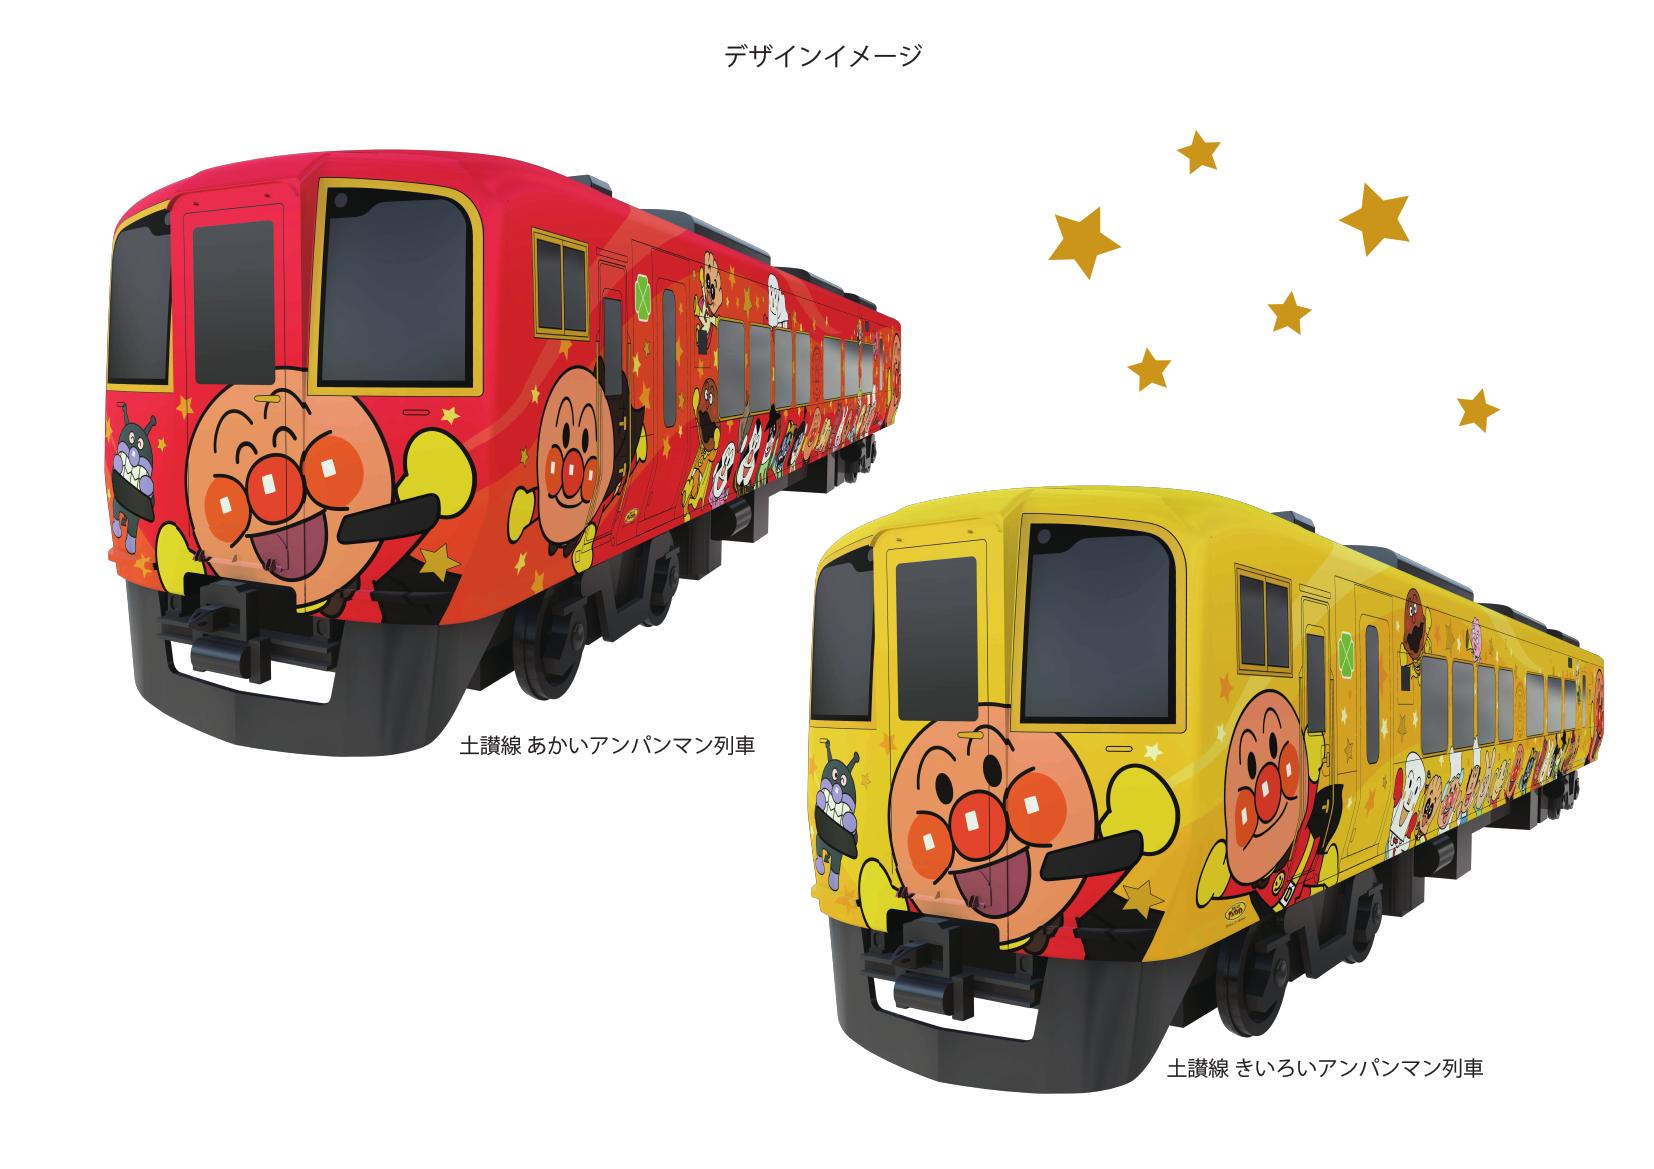 新アンパンマン列車デザインイメージ